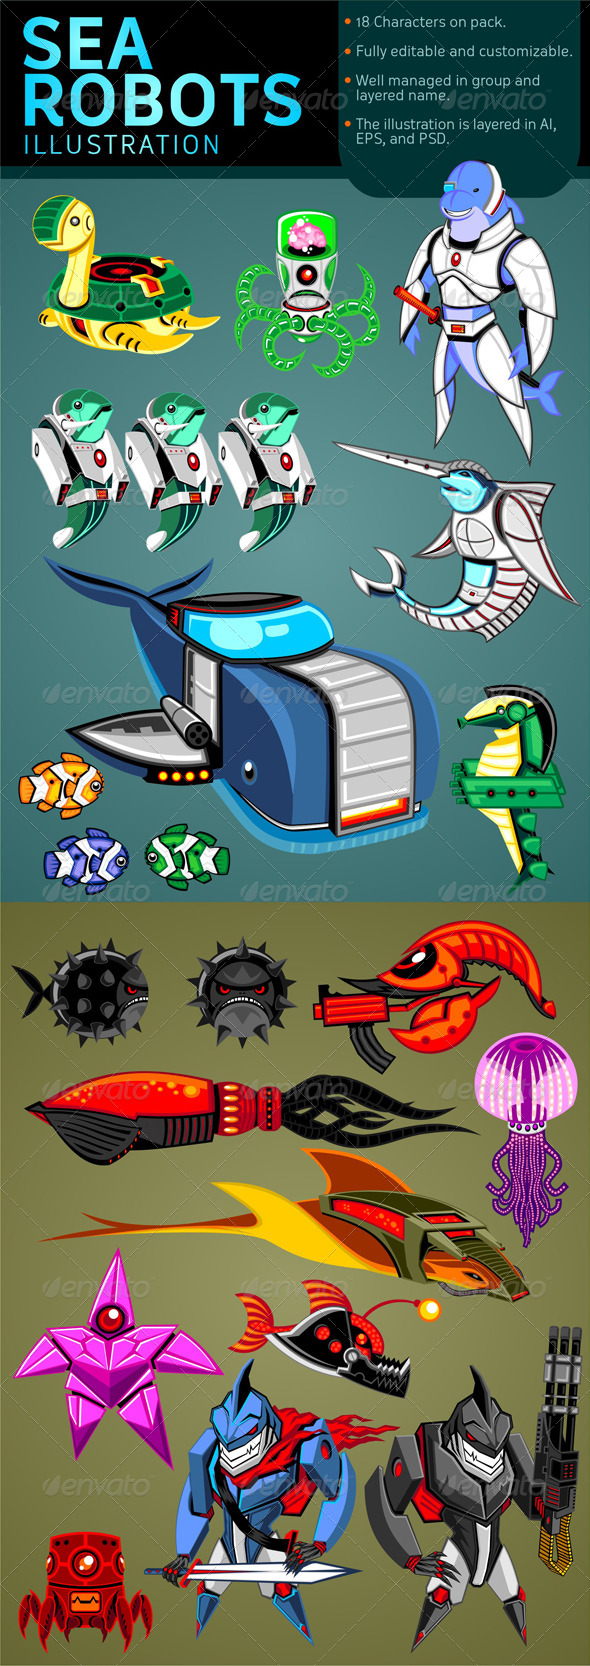 Sea Robots Illustration - Characters Vectors